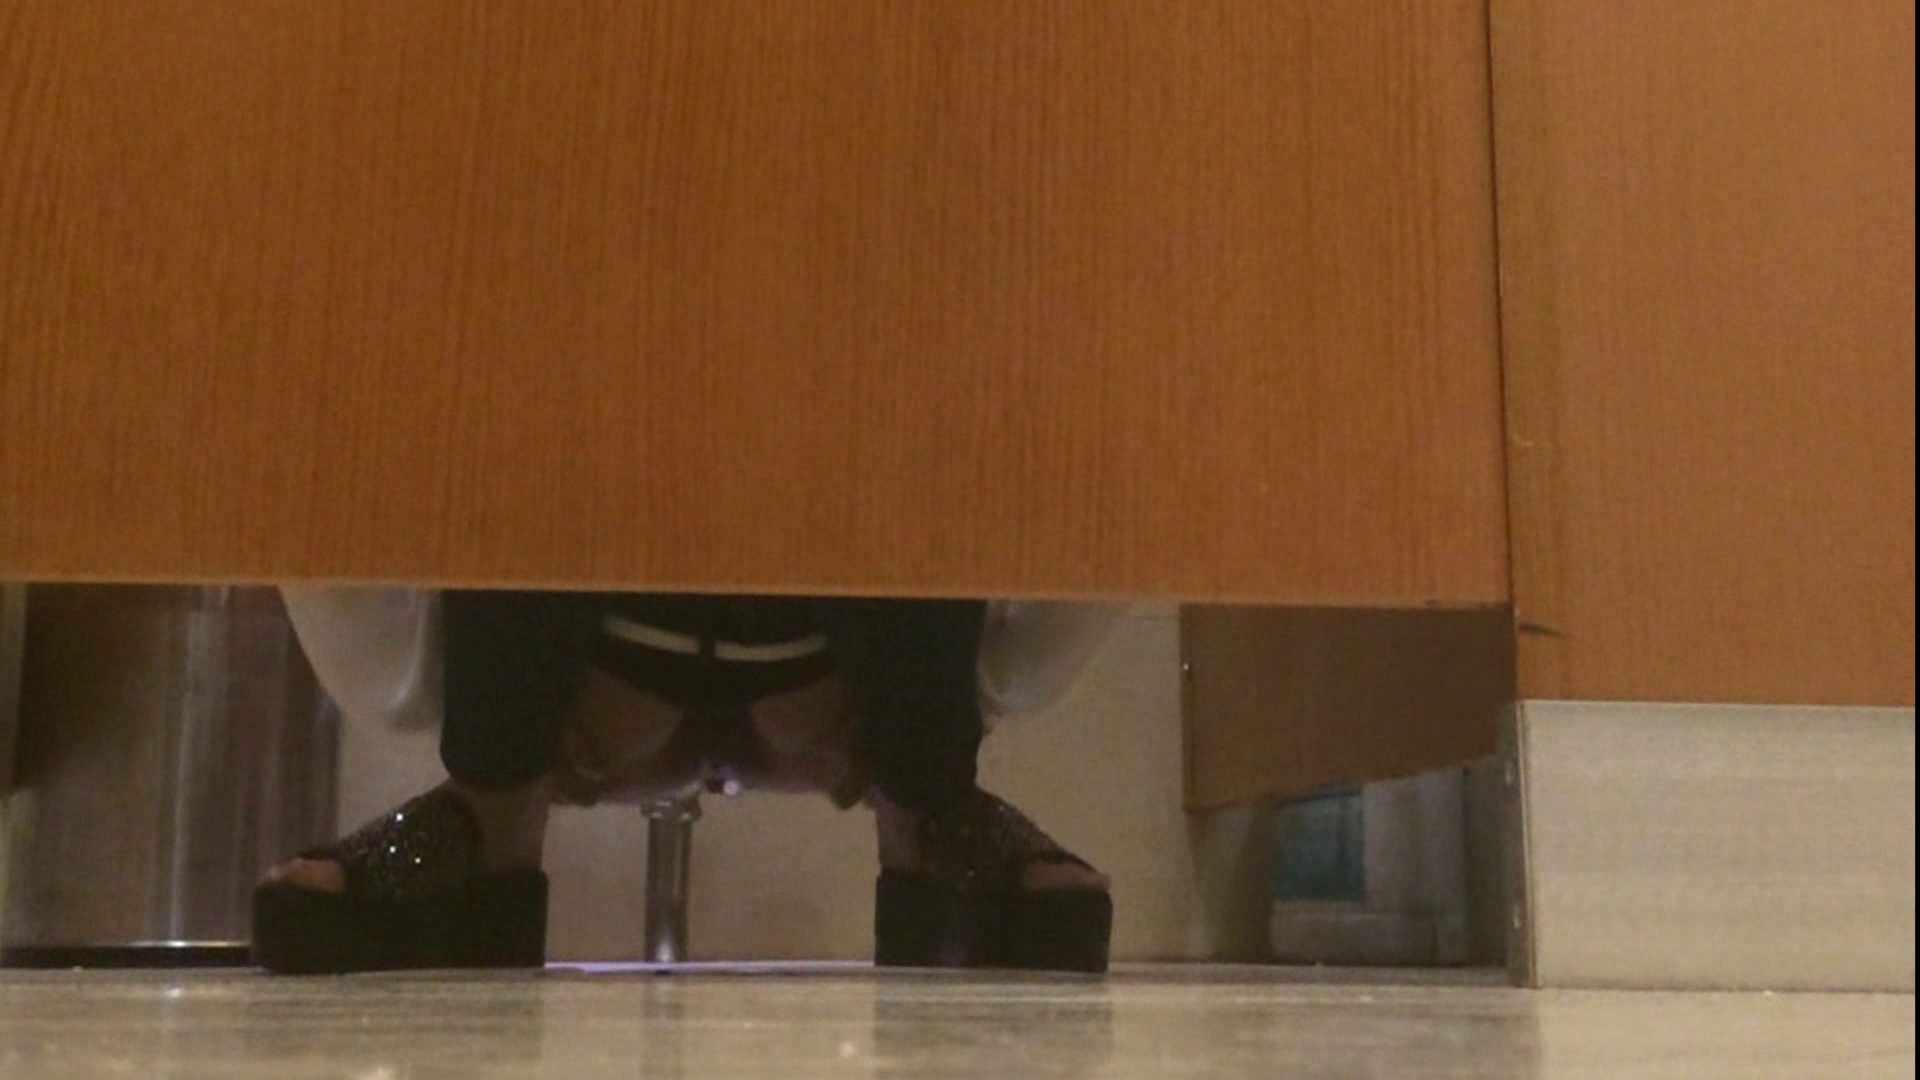 「噂」の国の厠観察日記2 Vol.14 厠 盗み撮りオマンコ動画キャプチャ 61画像 20